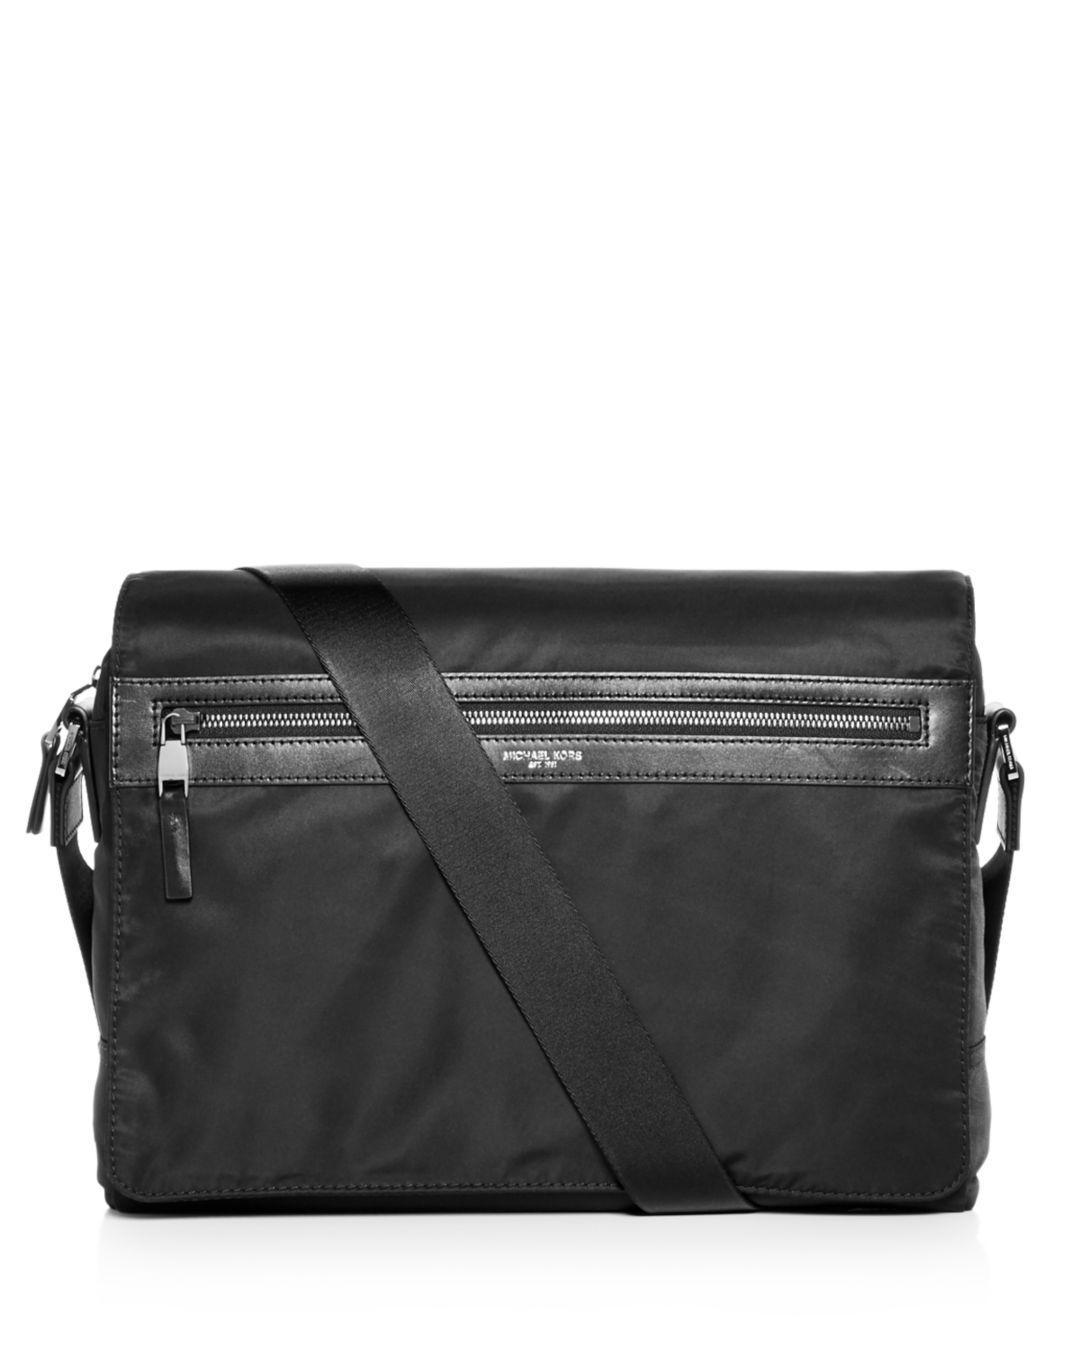 d983ab876c3c Lyst - Michael Kors Kent Nylon Messenger Bag in Black for Men